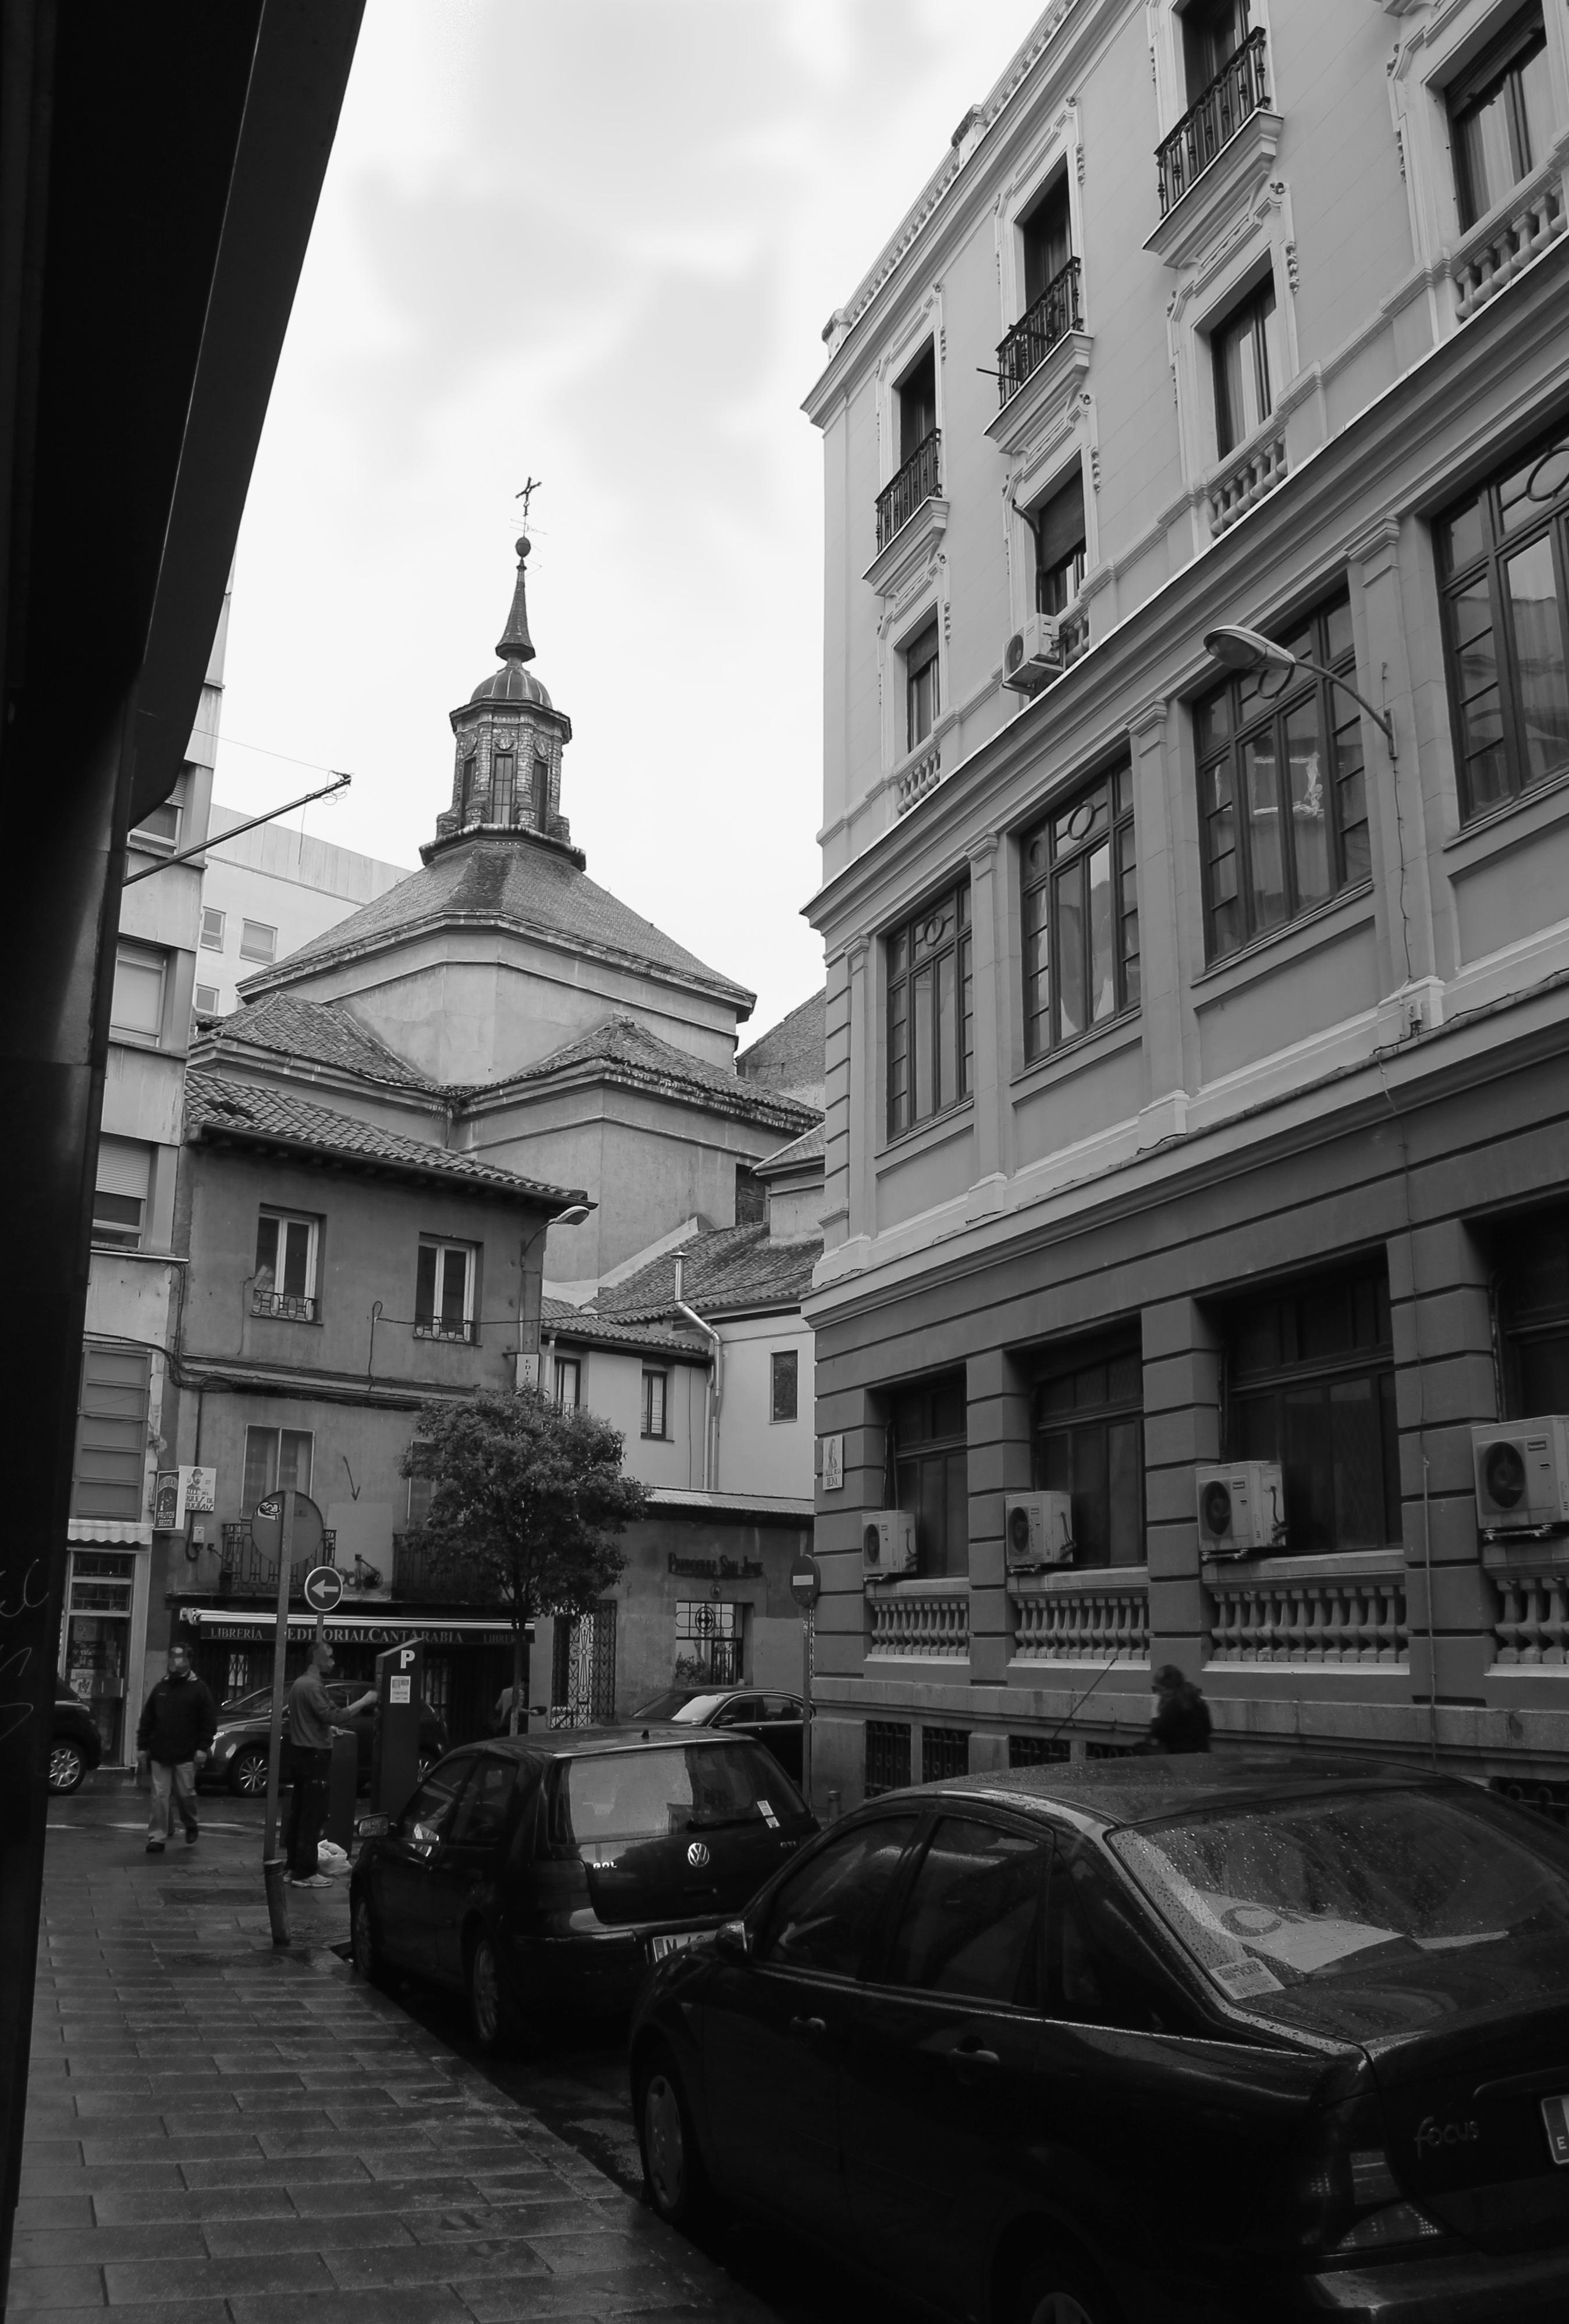 Archivo Calle De La Reina Madrid 01 Jpg Wikipedia La